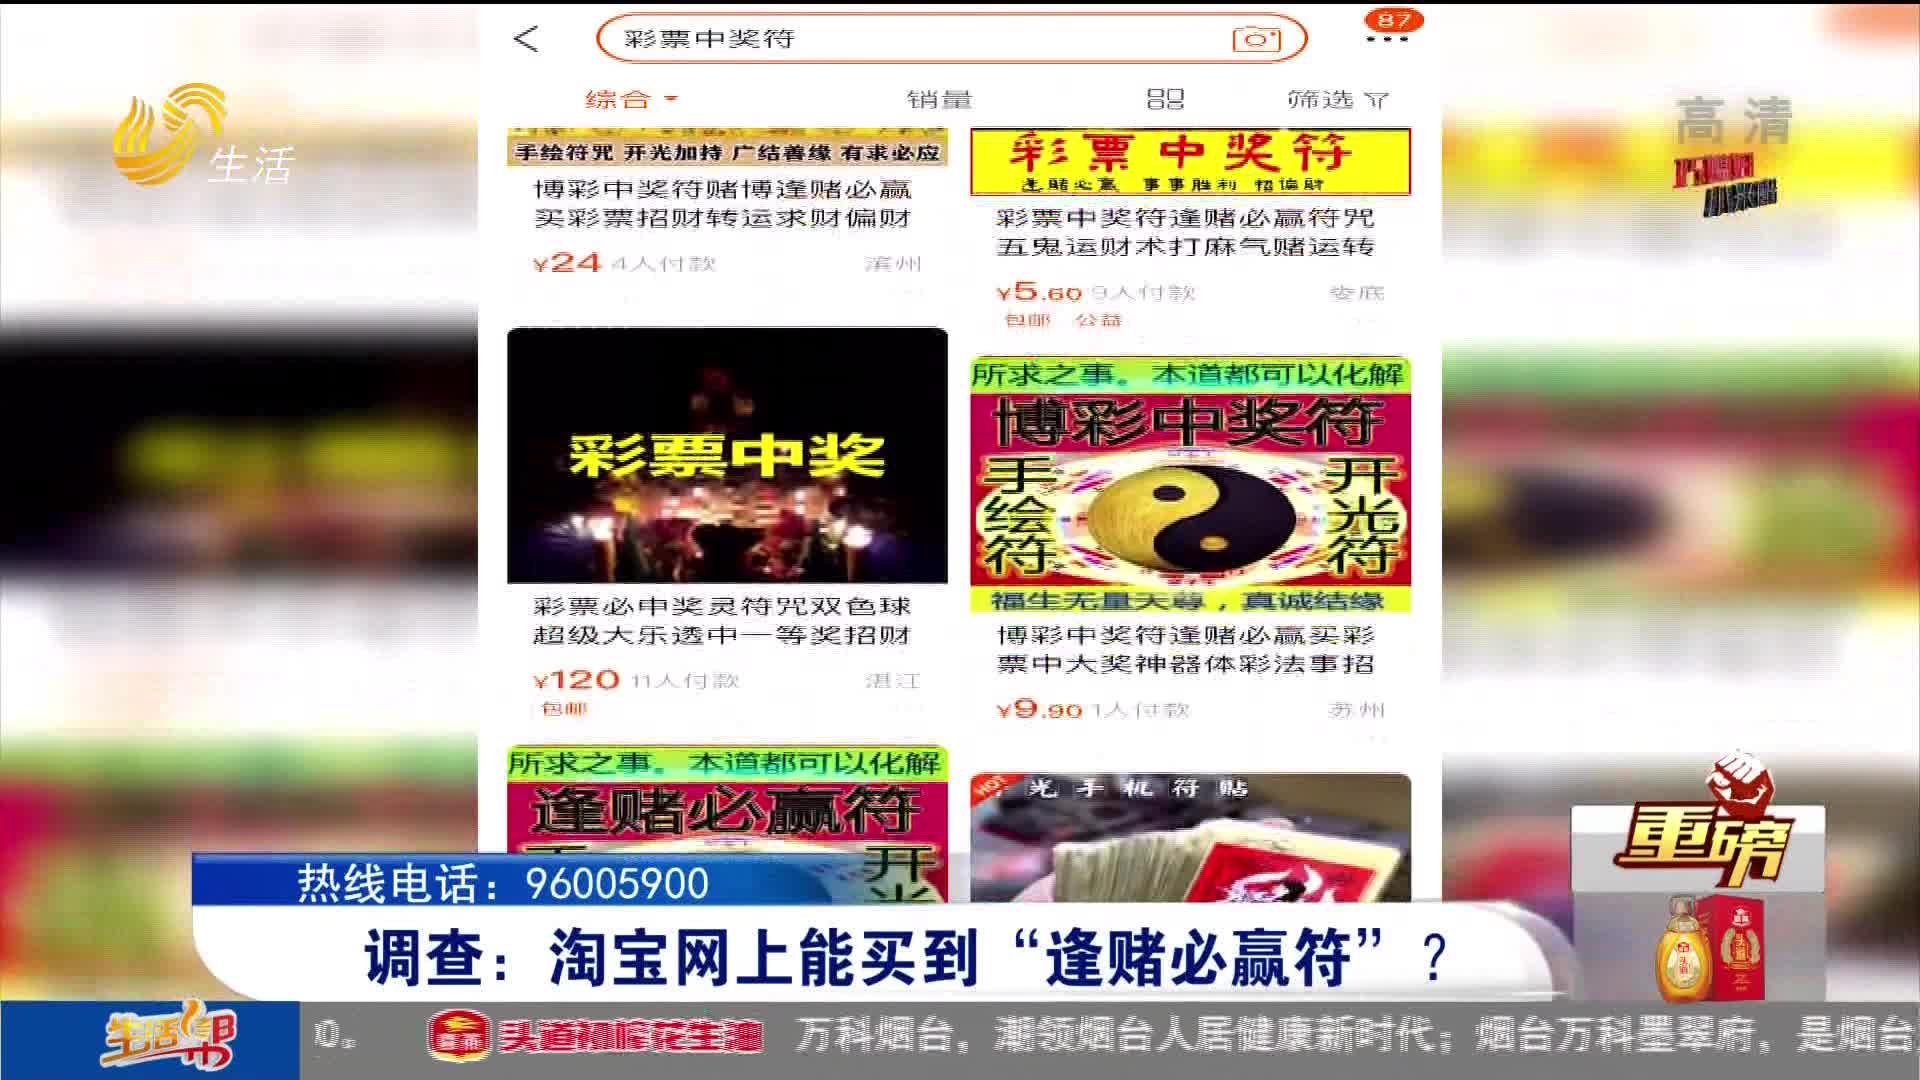 """【重磅】调查:淘宝网上能买到""""逢赌必赢符""""?"""